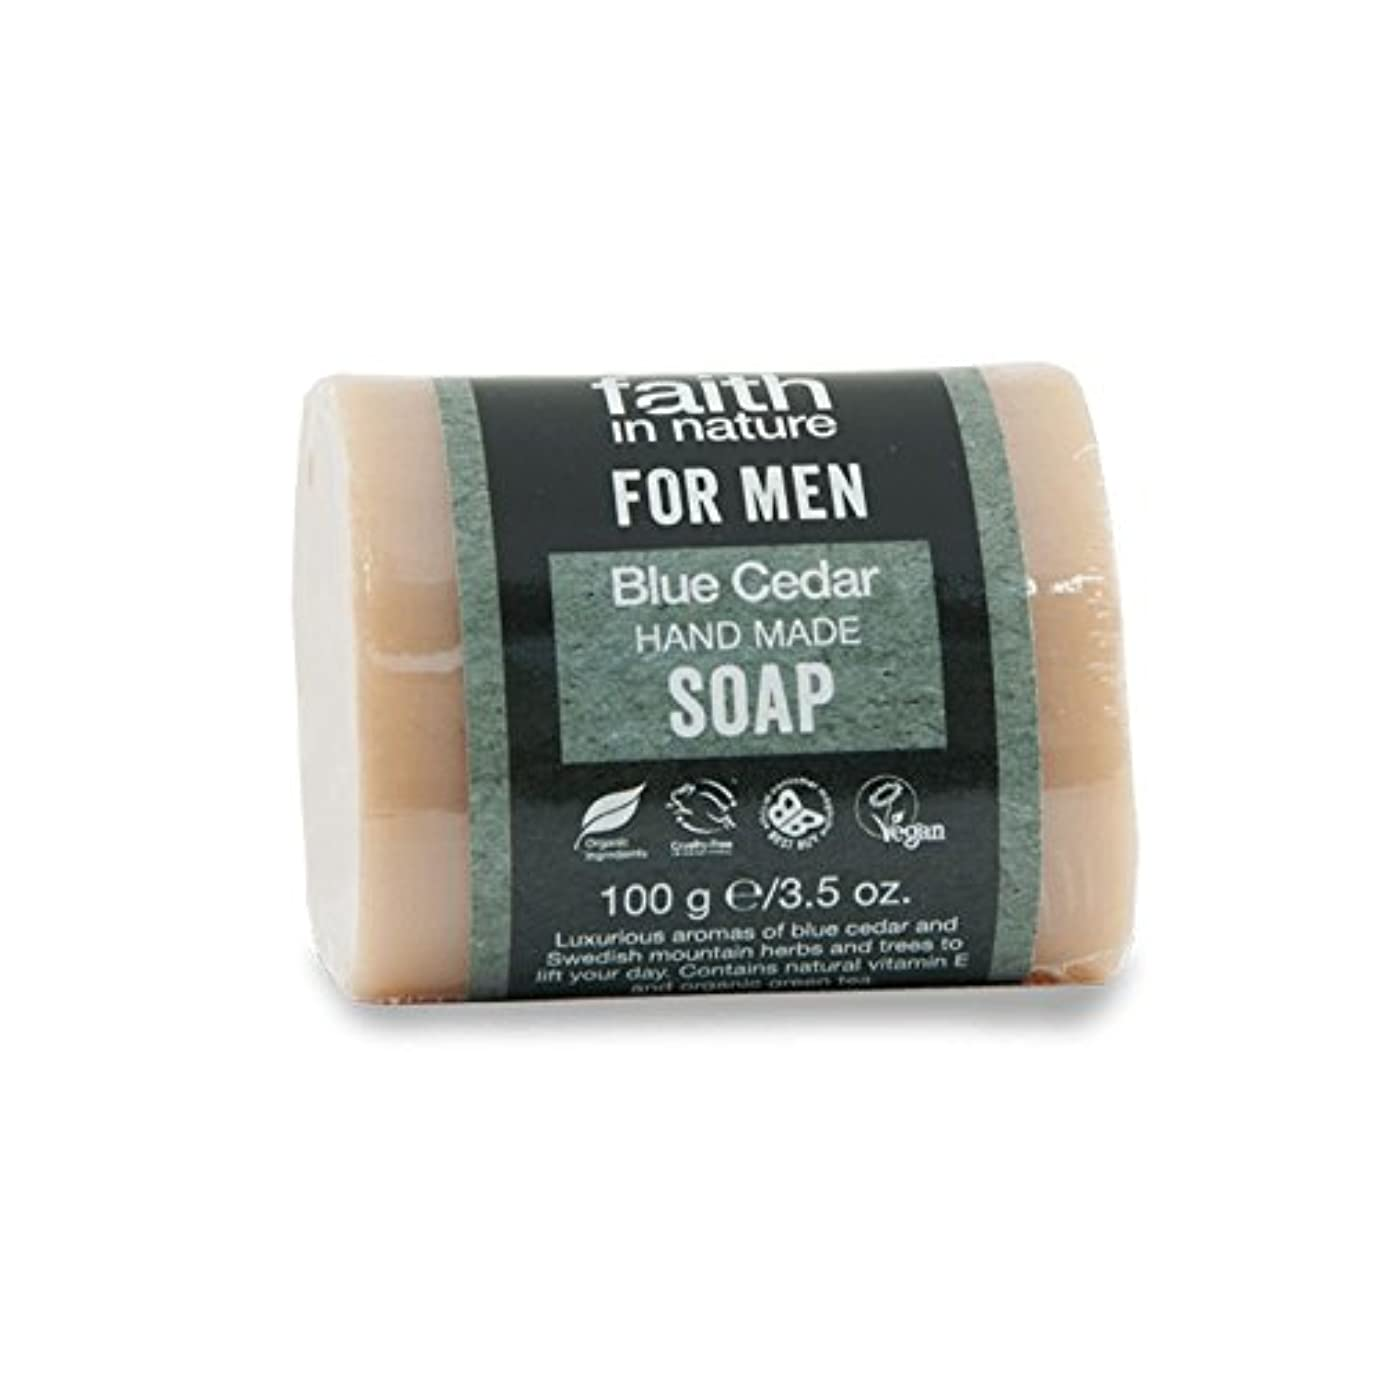 アソシエイトマインド観察するFaith in Nature for Men Blue Cedar Soap 100g (Pack of 2) - 男性青杉の石鹸100グラムのための自然の中で信仰 (x2) [並行輸入品]